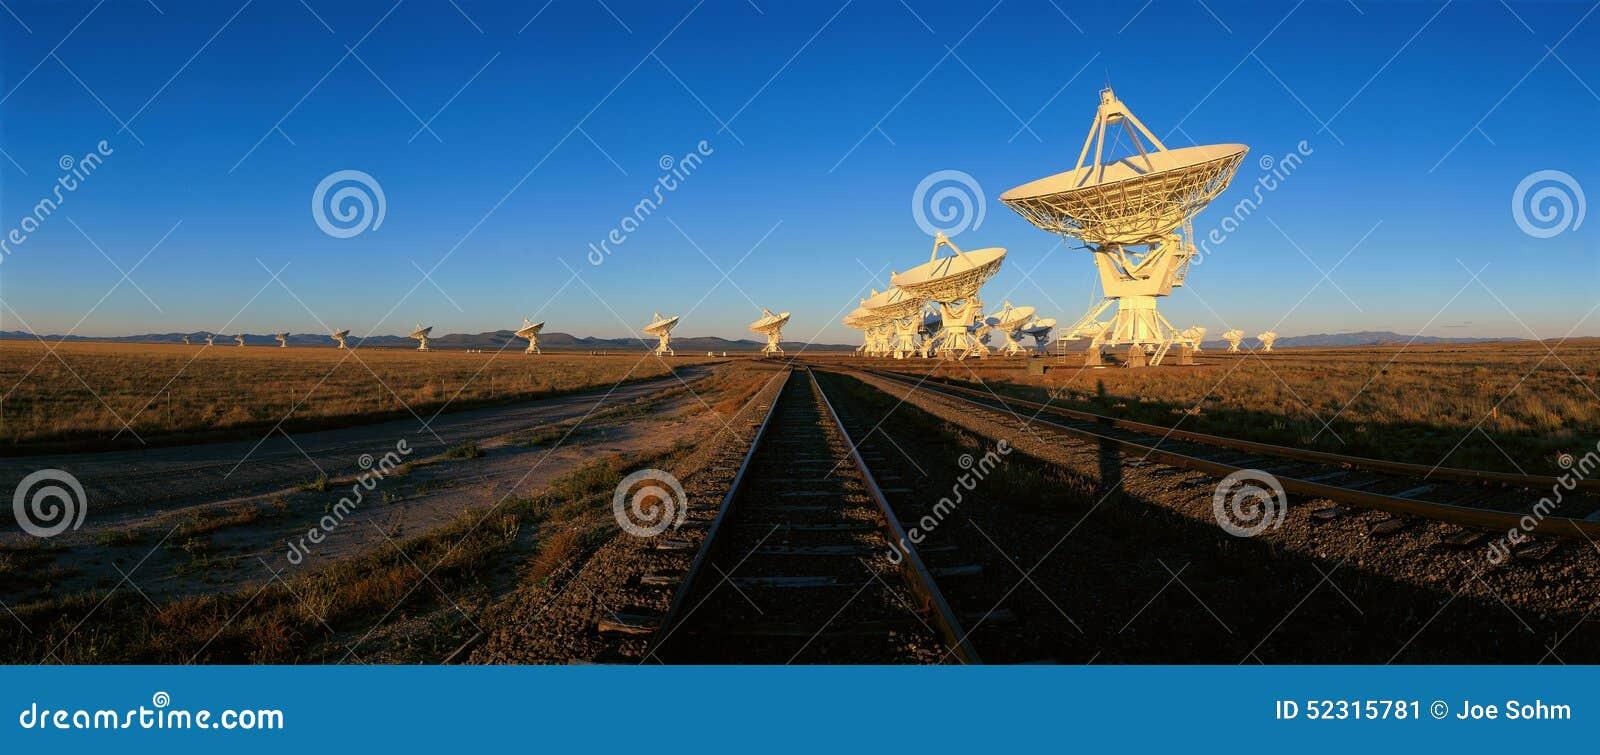 Pratos do telescópio de rádio no obervatório nacional da astronomia de rádio em Socorro, nanômetro